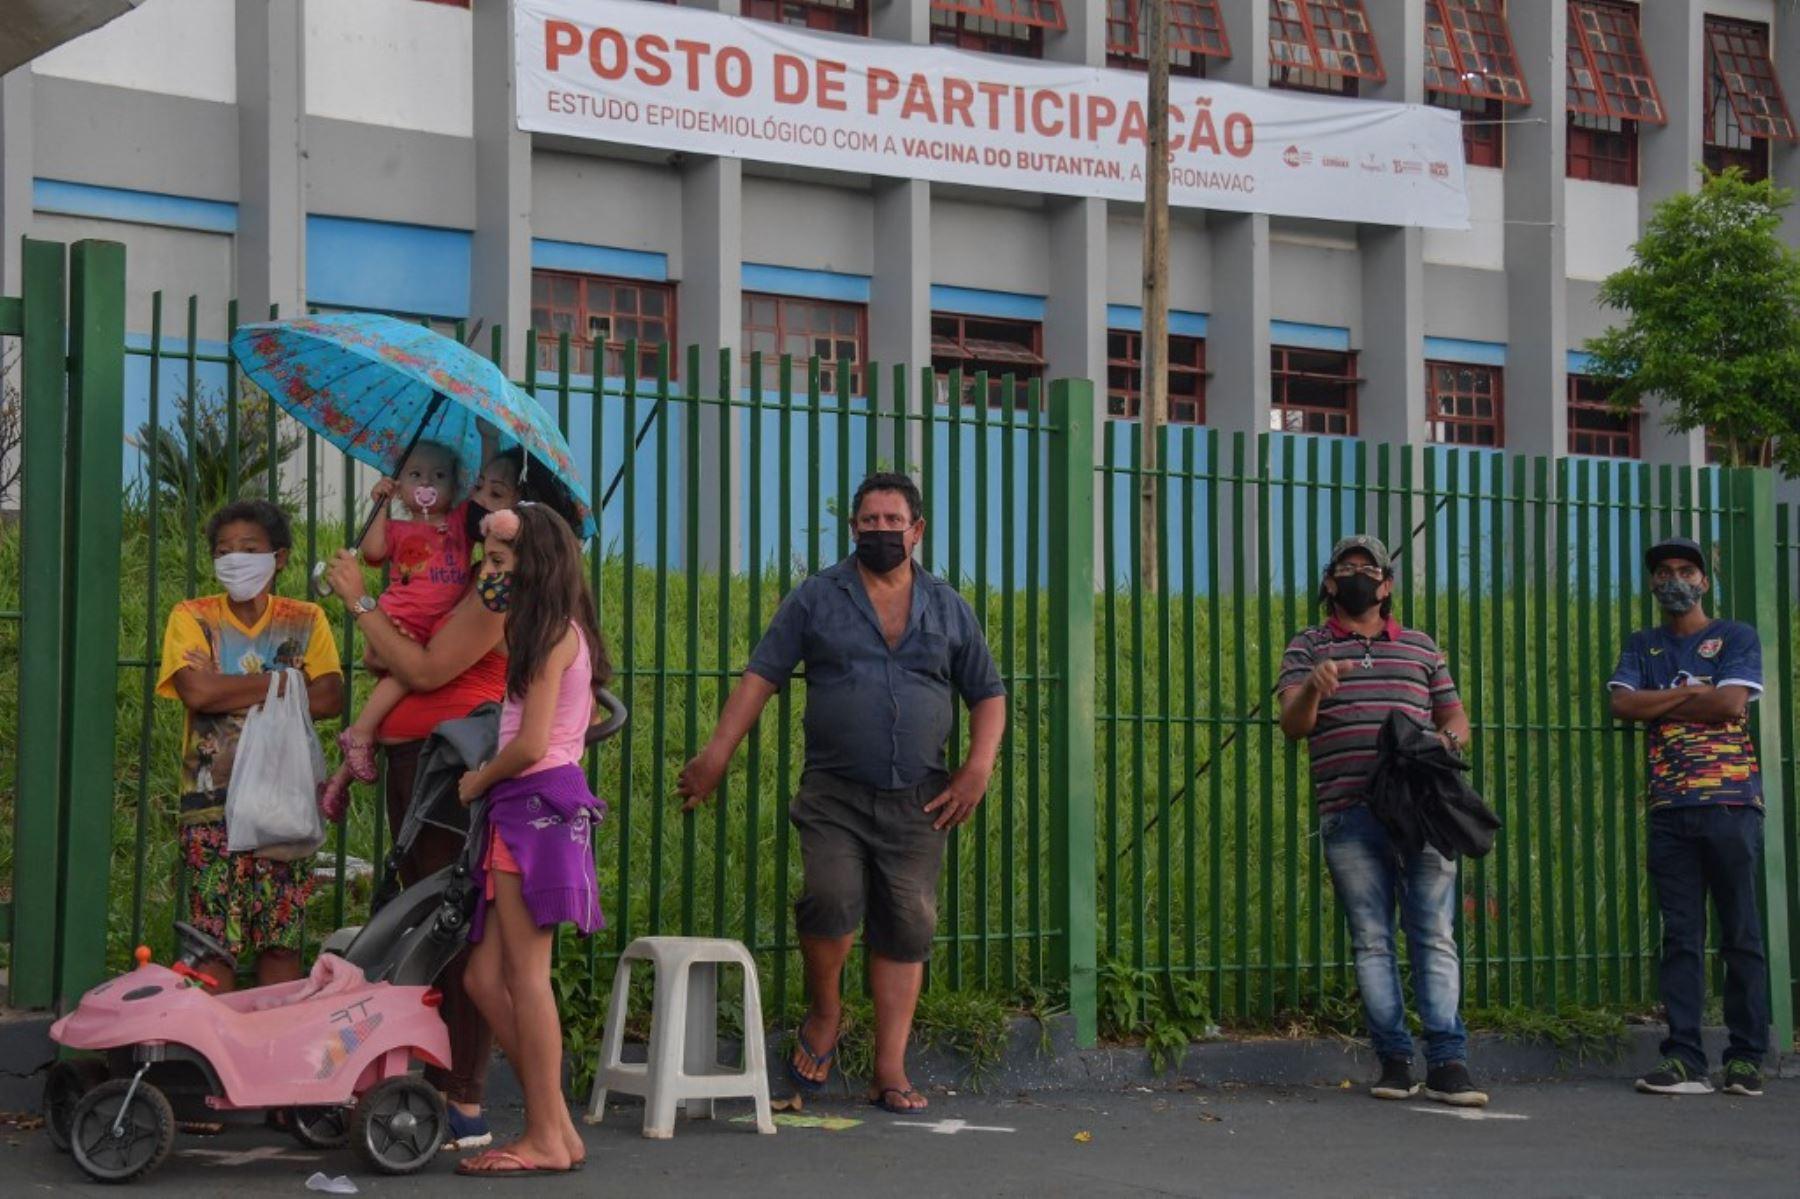 Los residentes hacen fila para recibir la vacuna Coronavac contra covid-19, en Serrana, a unos 323 km de Sao Paulo, Brasil. Foto: AFP